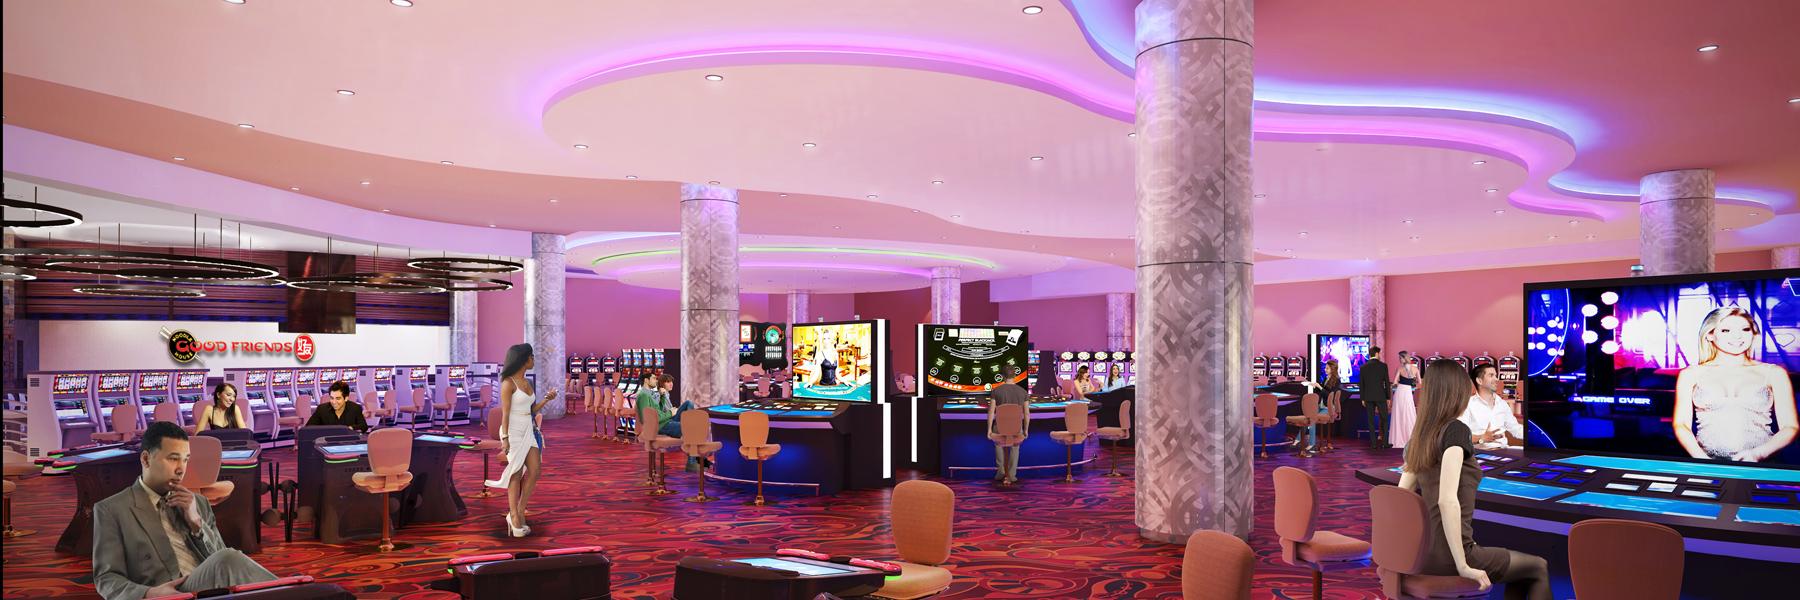 Resorts World Casino - 1st Floor